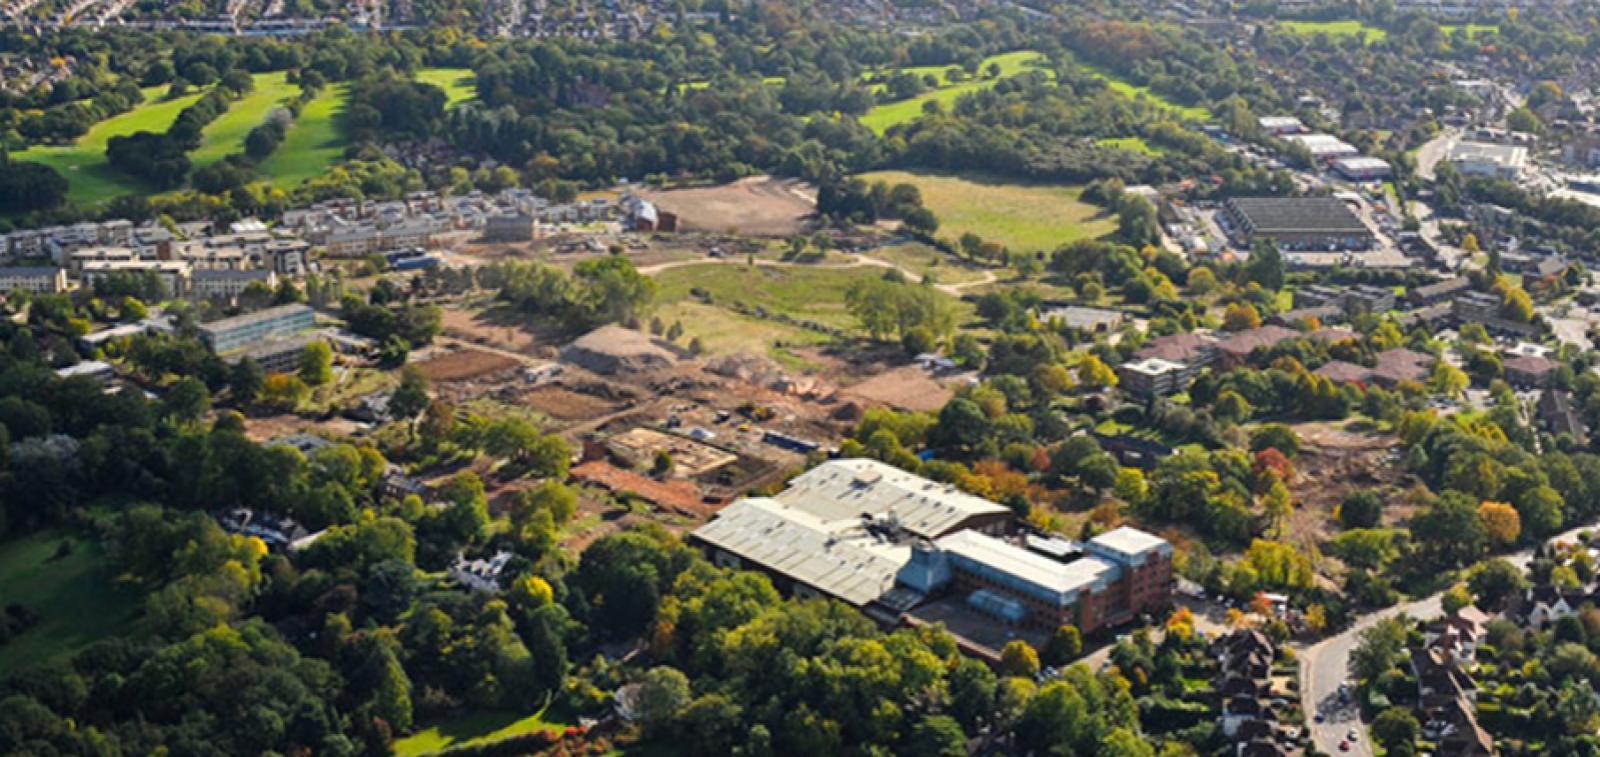 Millbrook Park aerial photo.